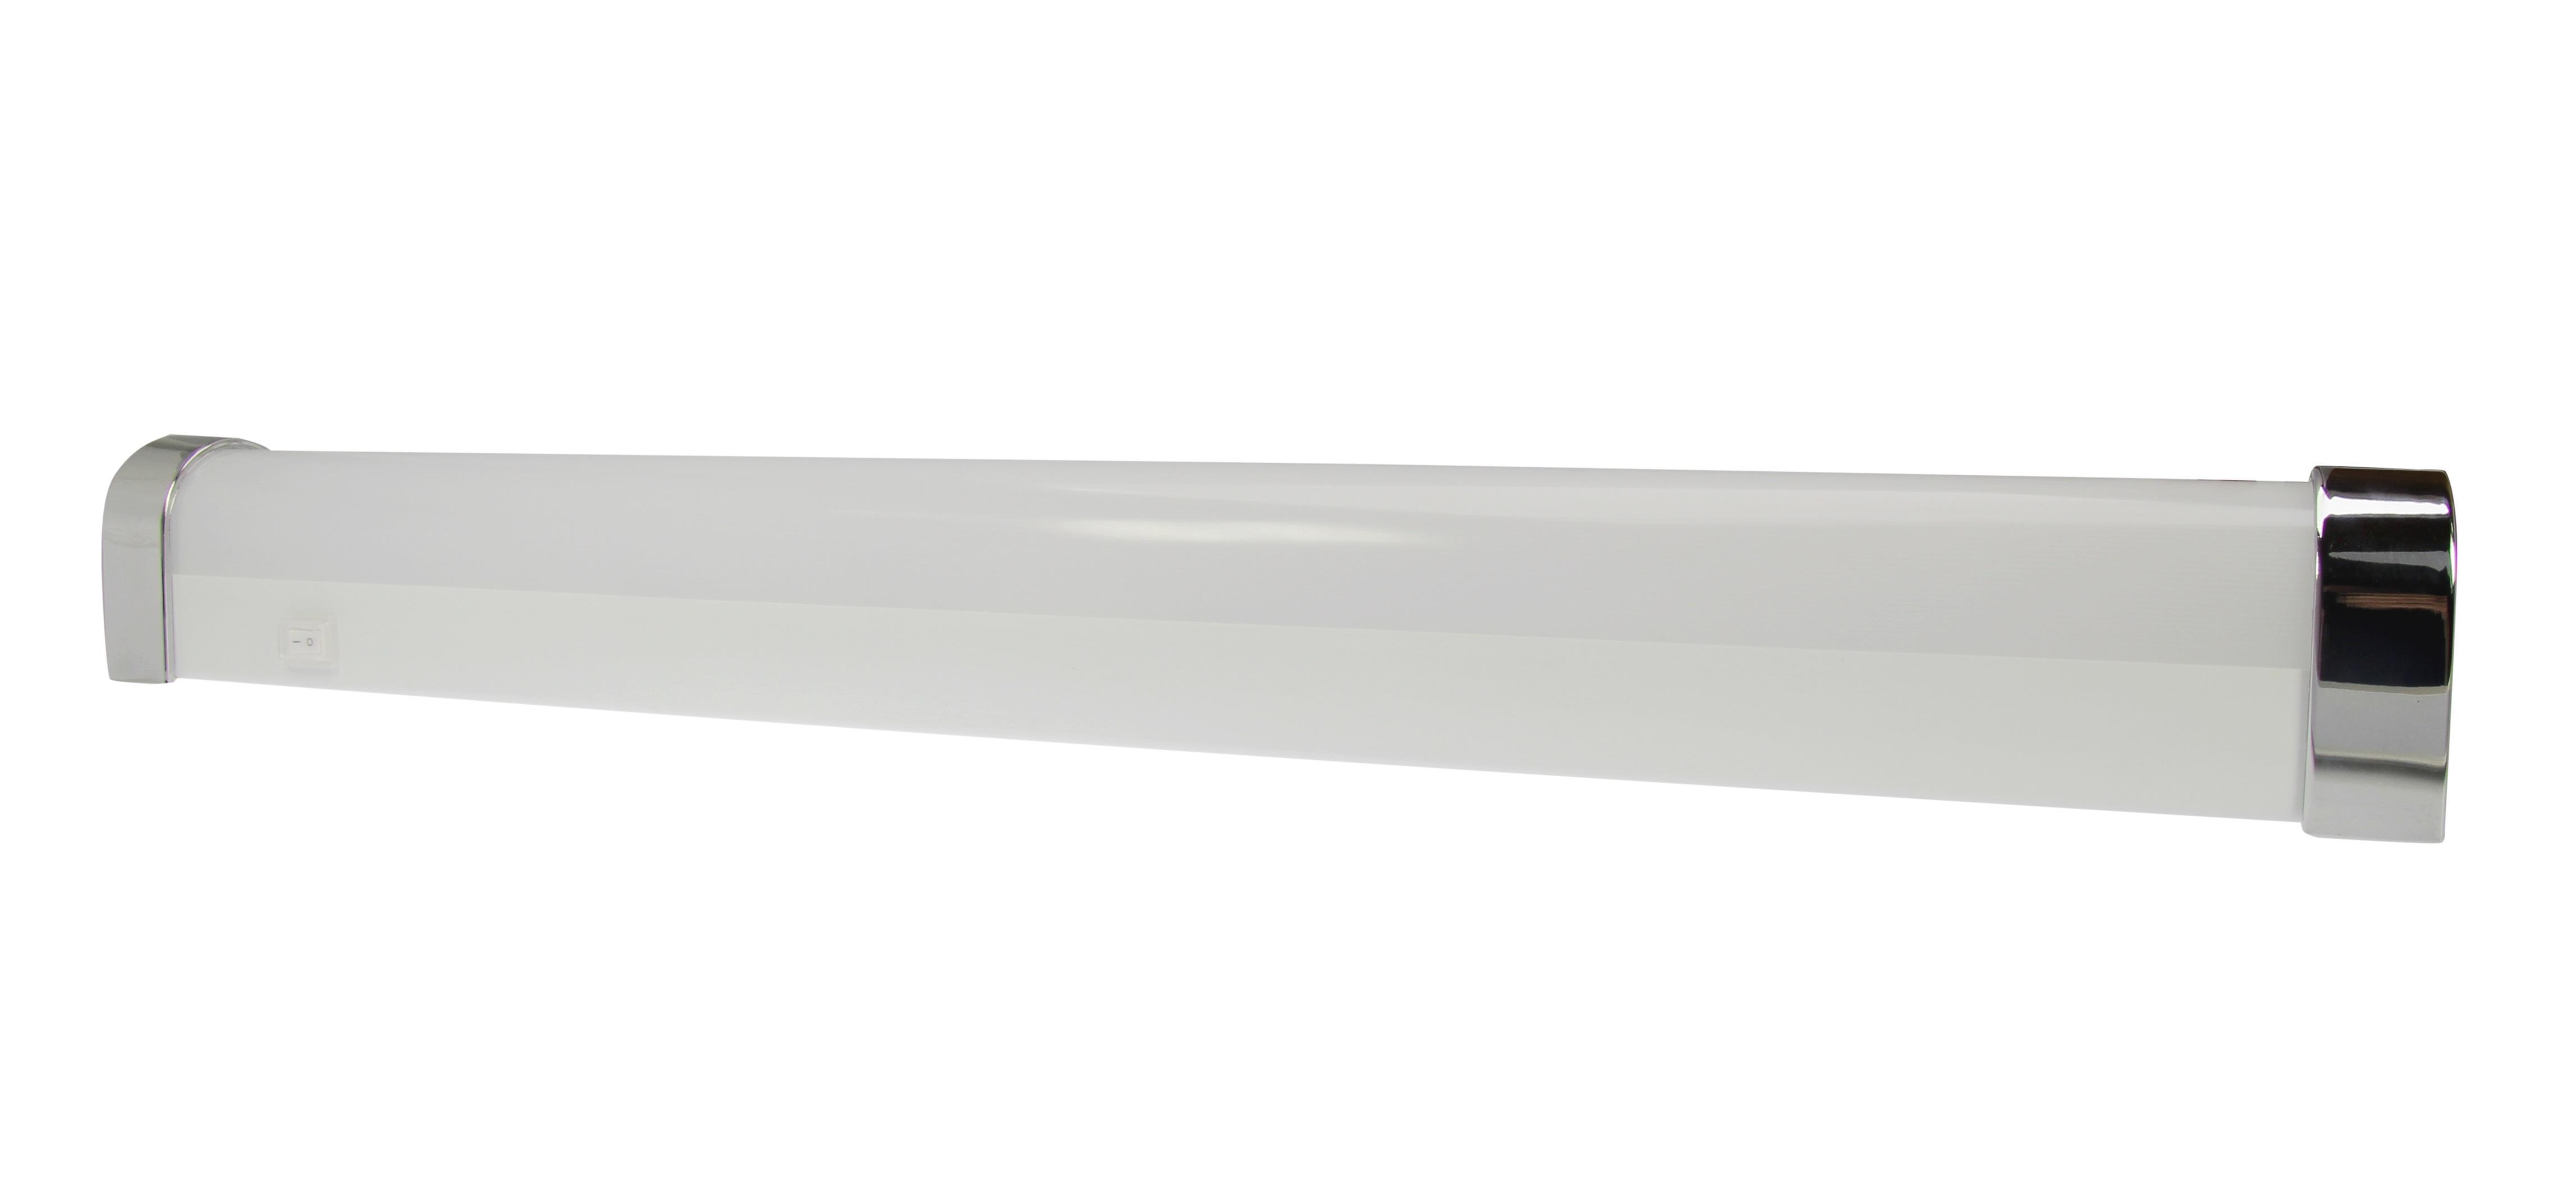 Beleuchtung, Lampen, Licht | LED Badezimmerleuchte, nicht dimmbar ...